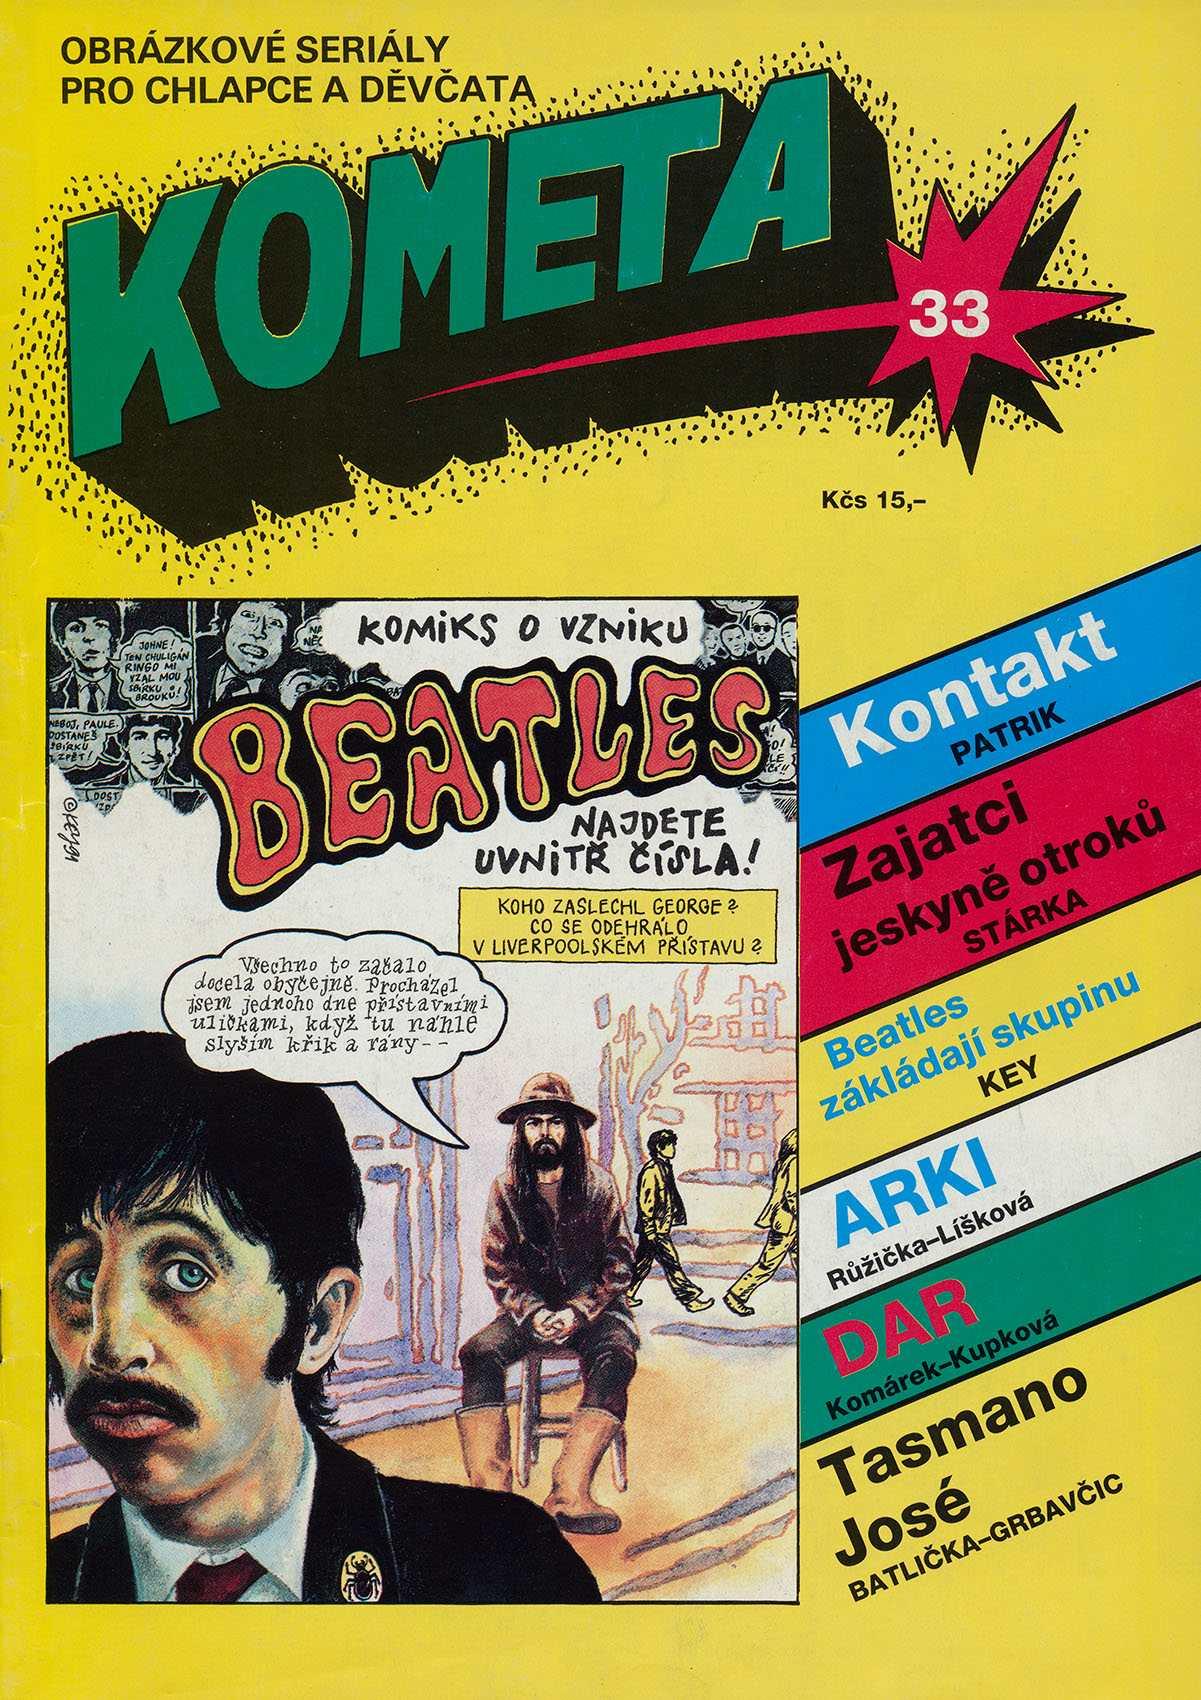 KOMETA_(1992)_cislo_33